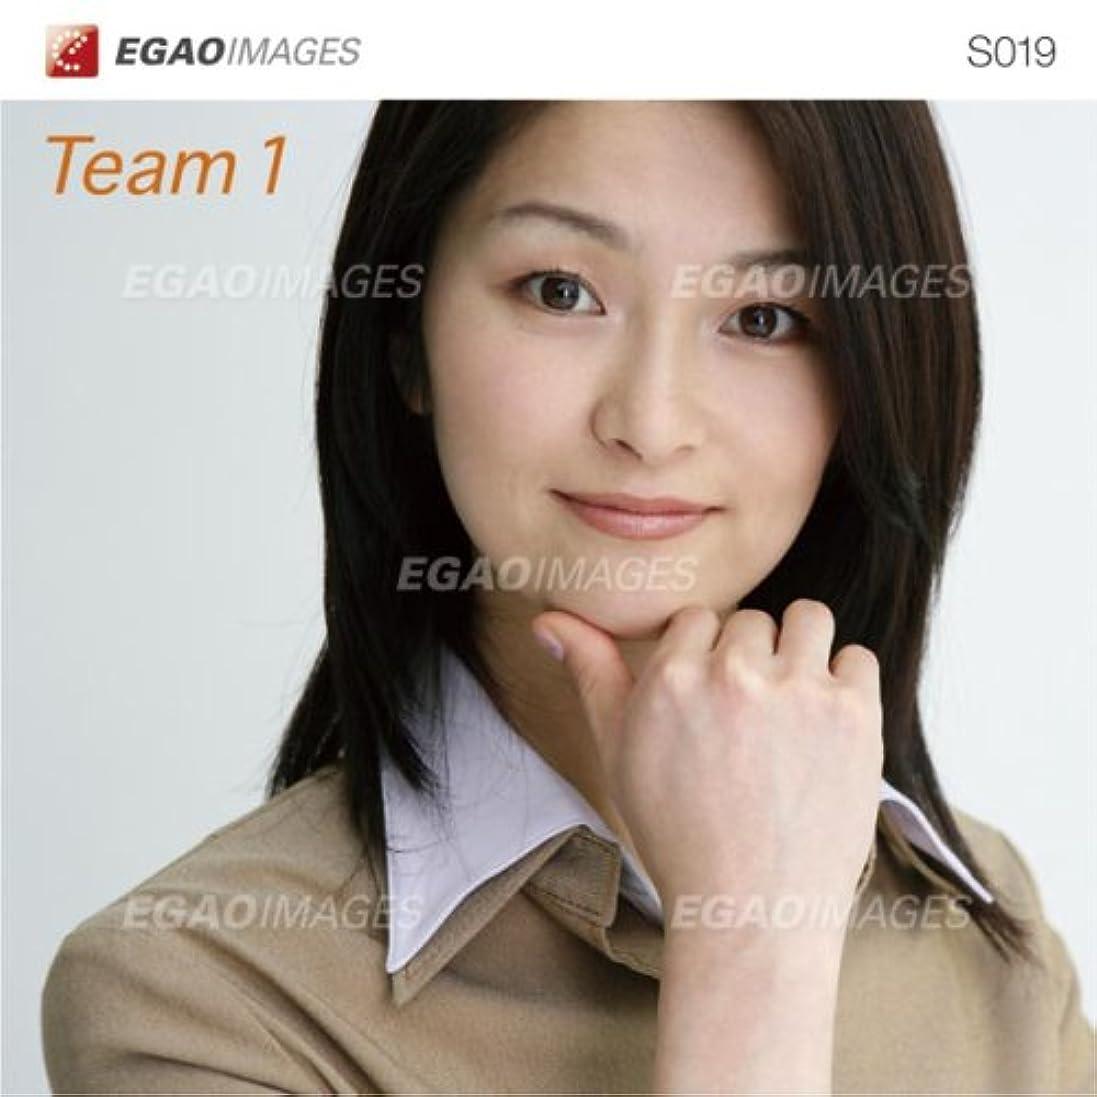 ターゲットシンプルな配管EGAOIMAGES S019 ビジネス「ビジネスチーム1」